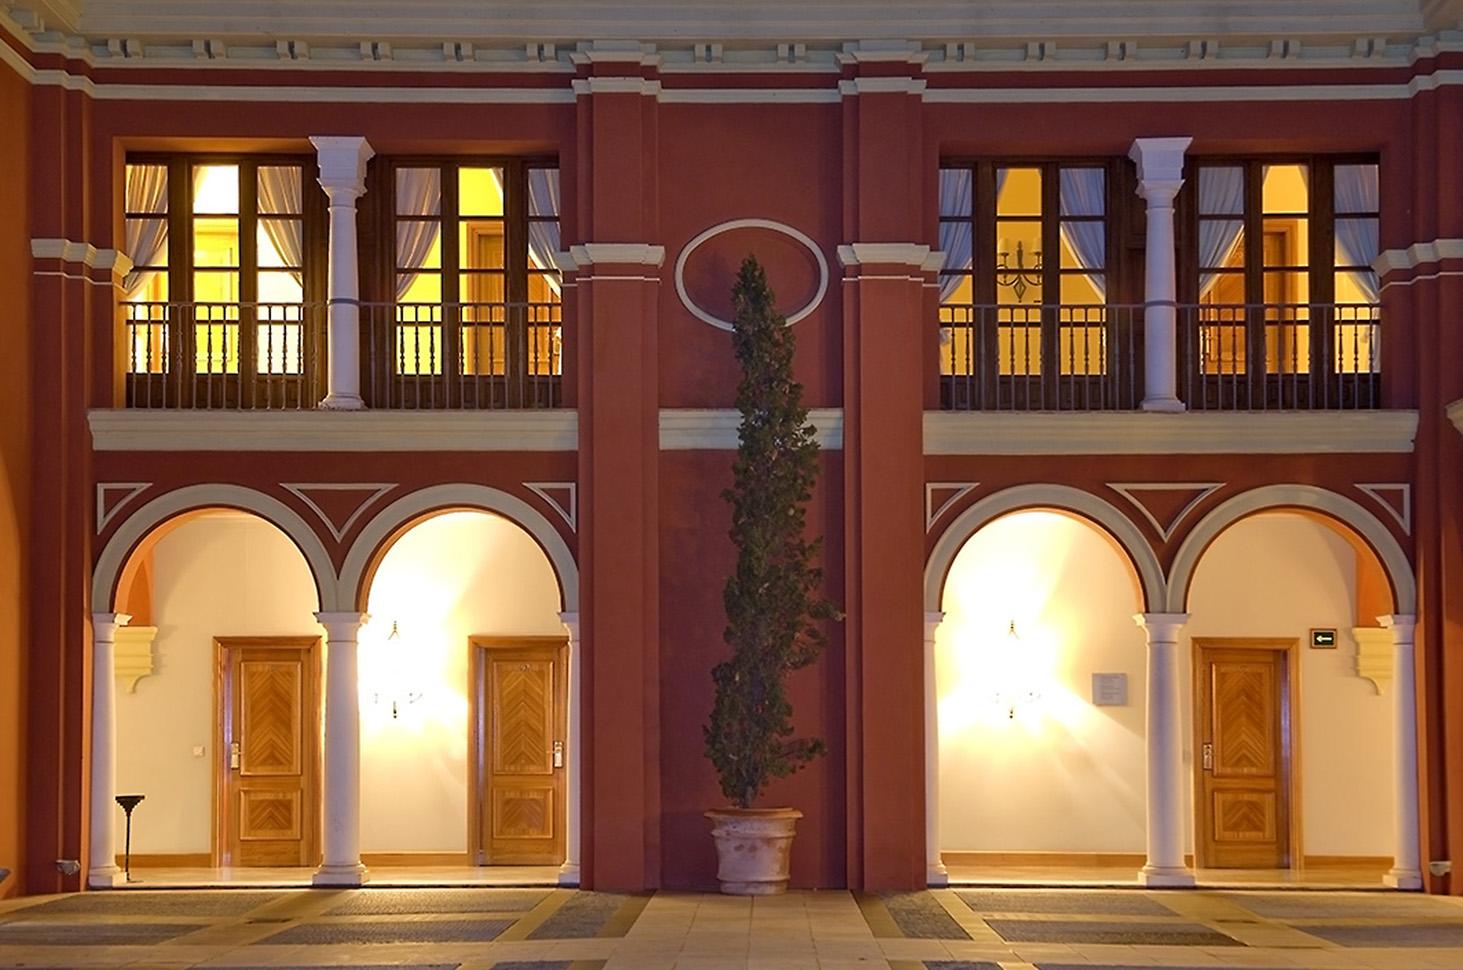 ventanas-hacienda-boticaria-2